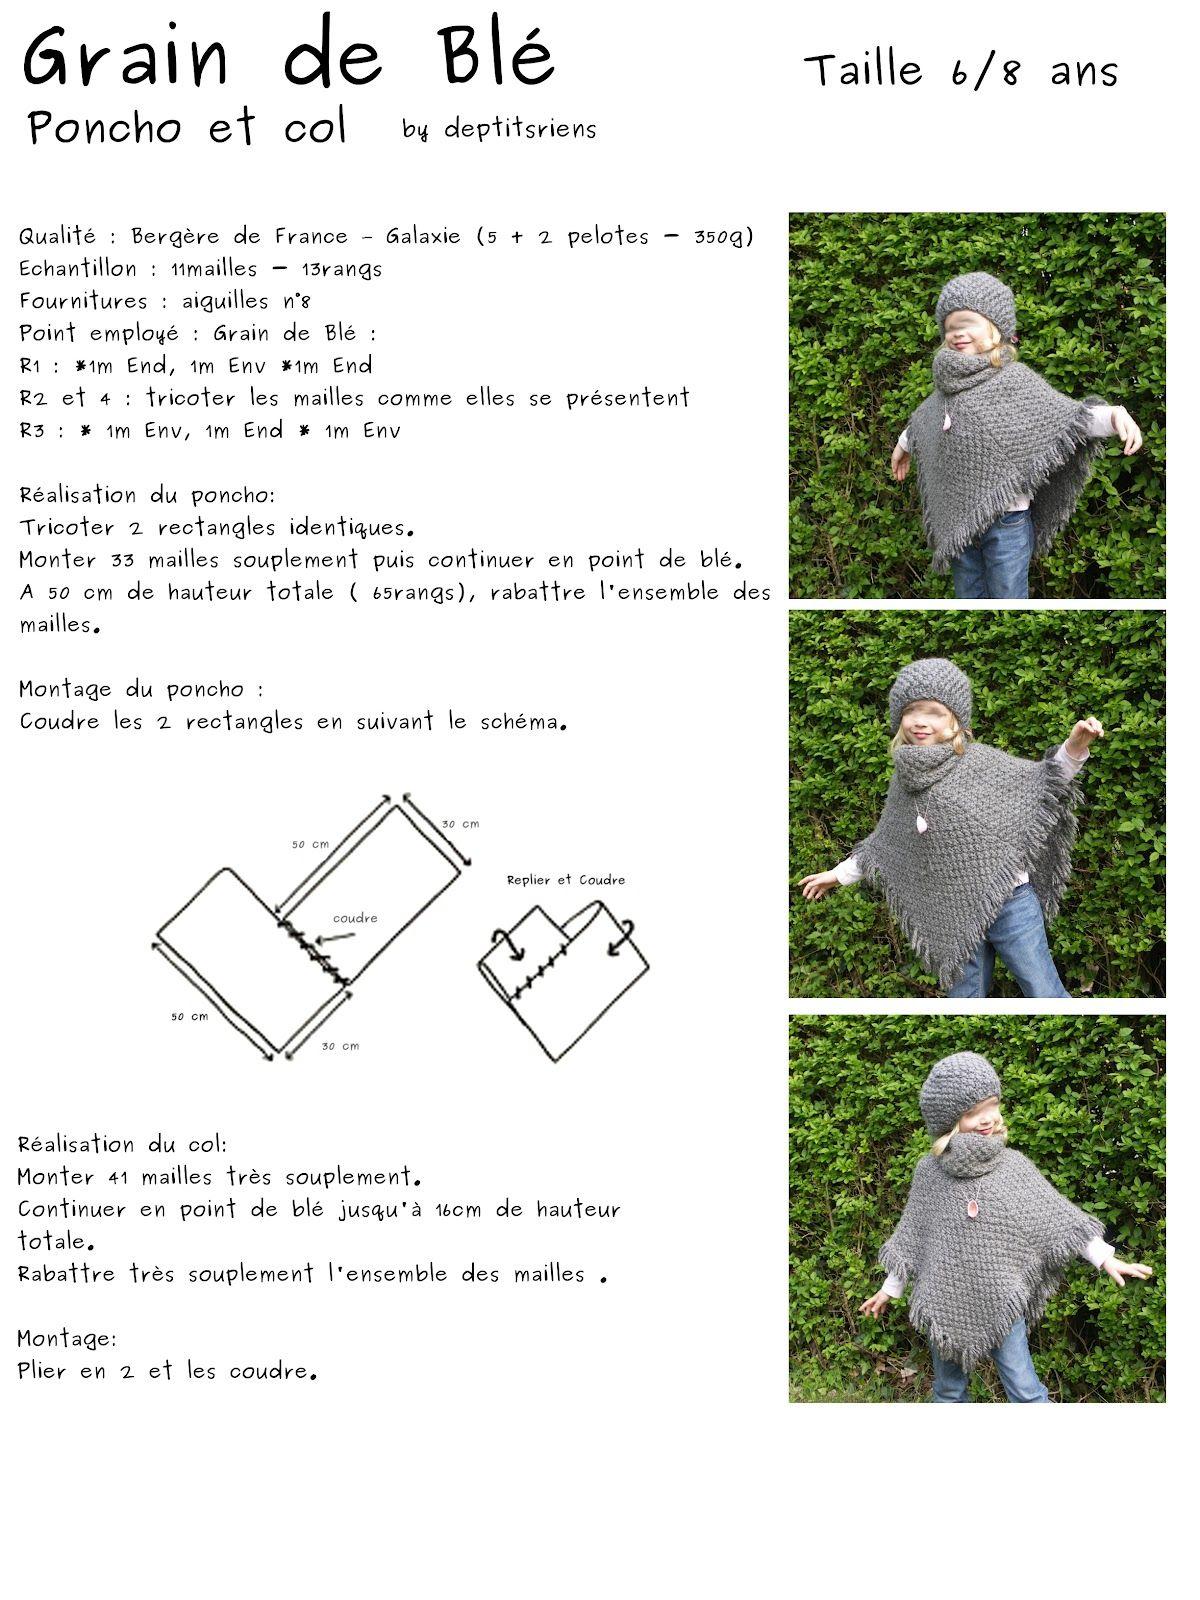 Poncho Fille 12 Ans A Tricoter : poncho, fille, tricoter, Devoir, Vacances, L'ensemble, Poncho, Modele, Tricot,, Tricot